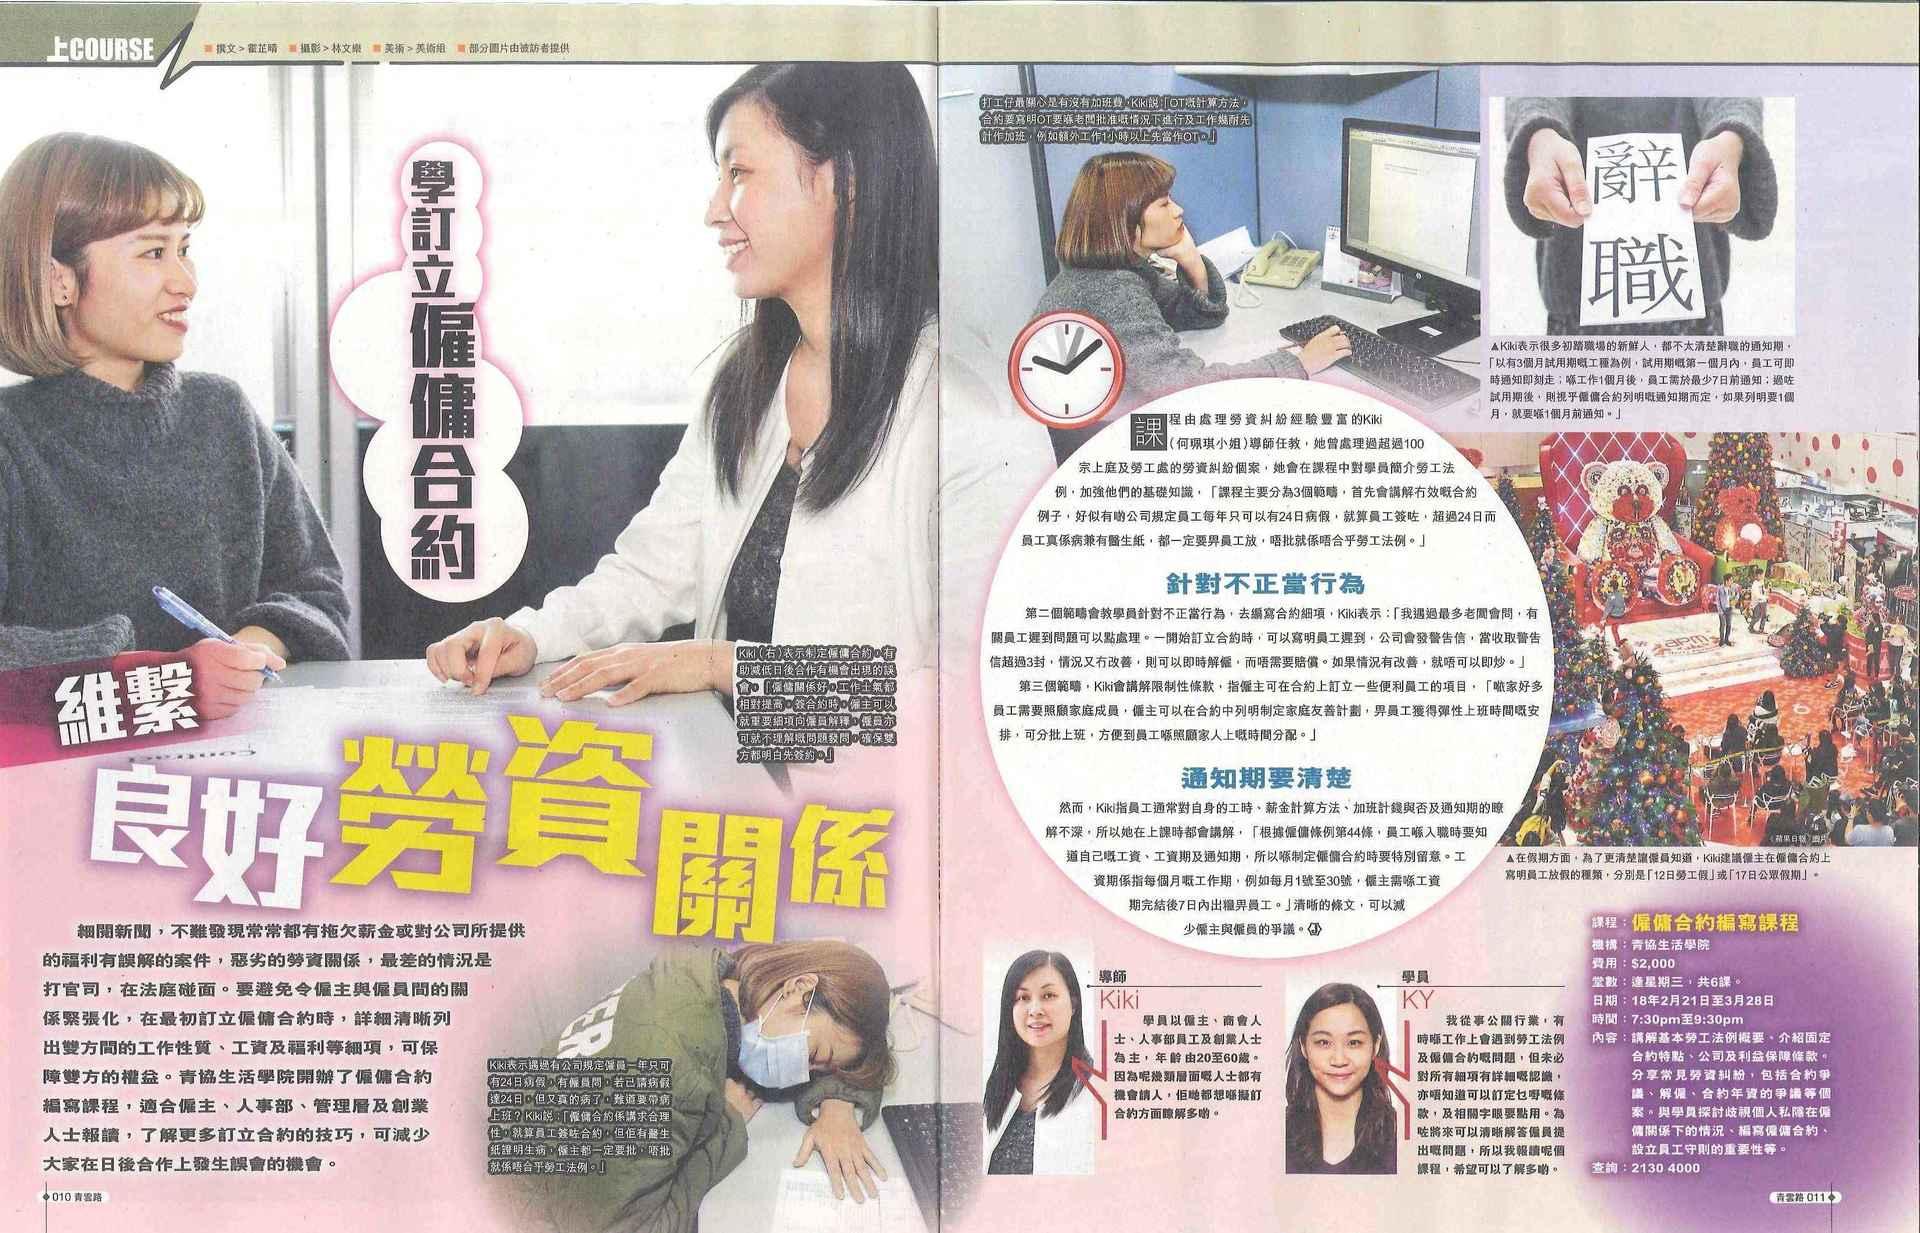 20180103_青雲路_僱傭合約-min